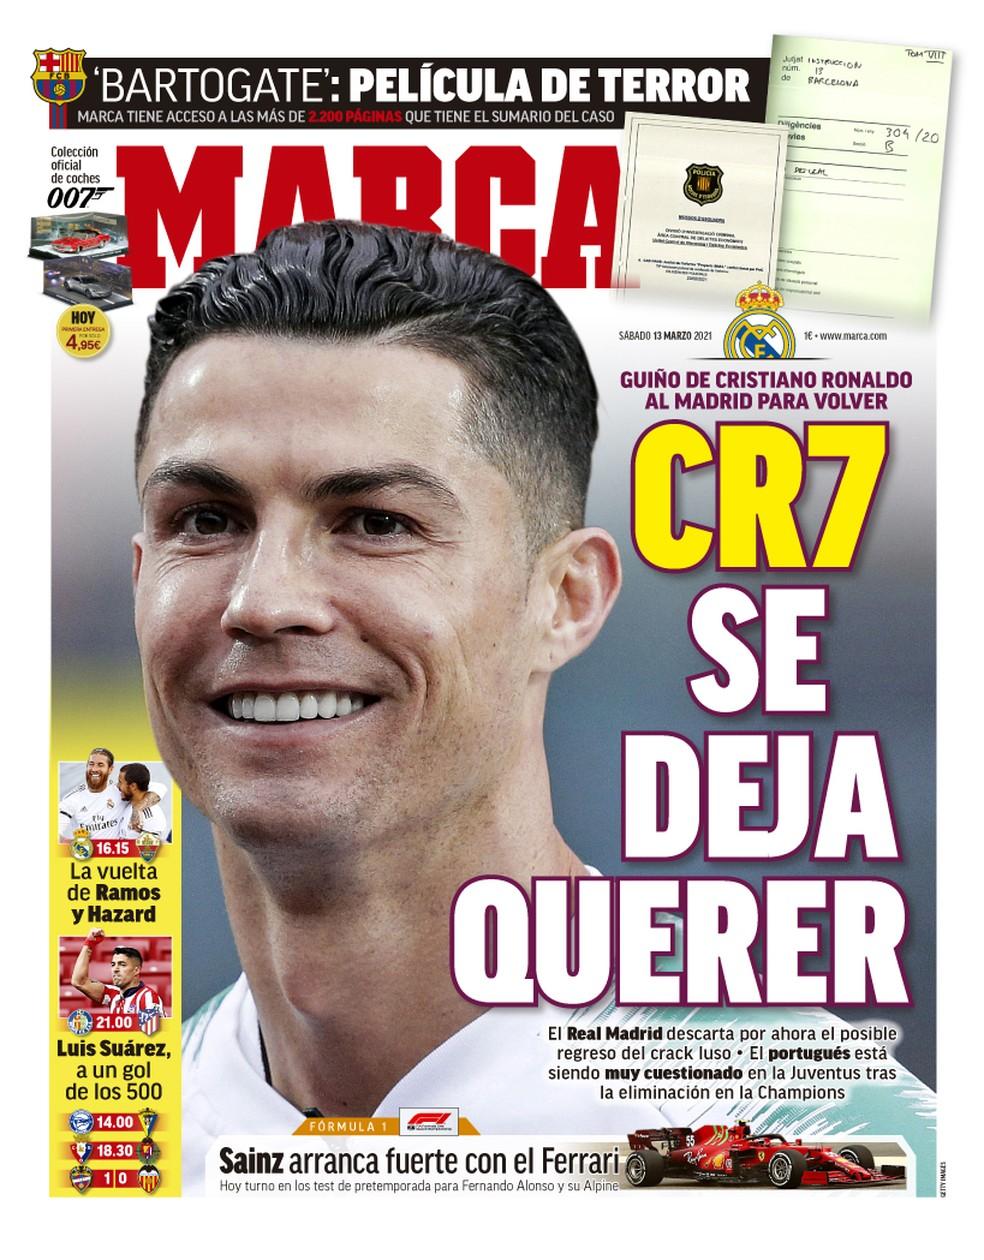 """Marca estampa Cristiano Ronaldo na capa: """"CR7 se deixa querer"""", sobre um possível retorno ao Real Madrid — Foto: Reprodução/Marca"""